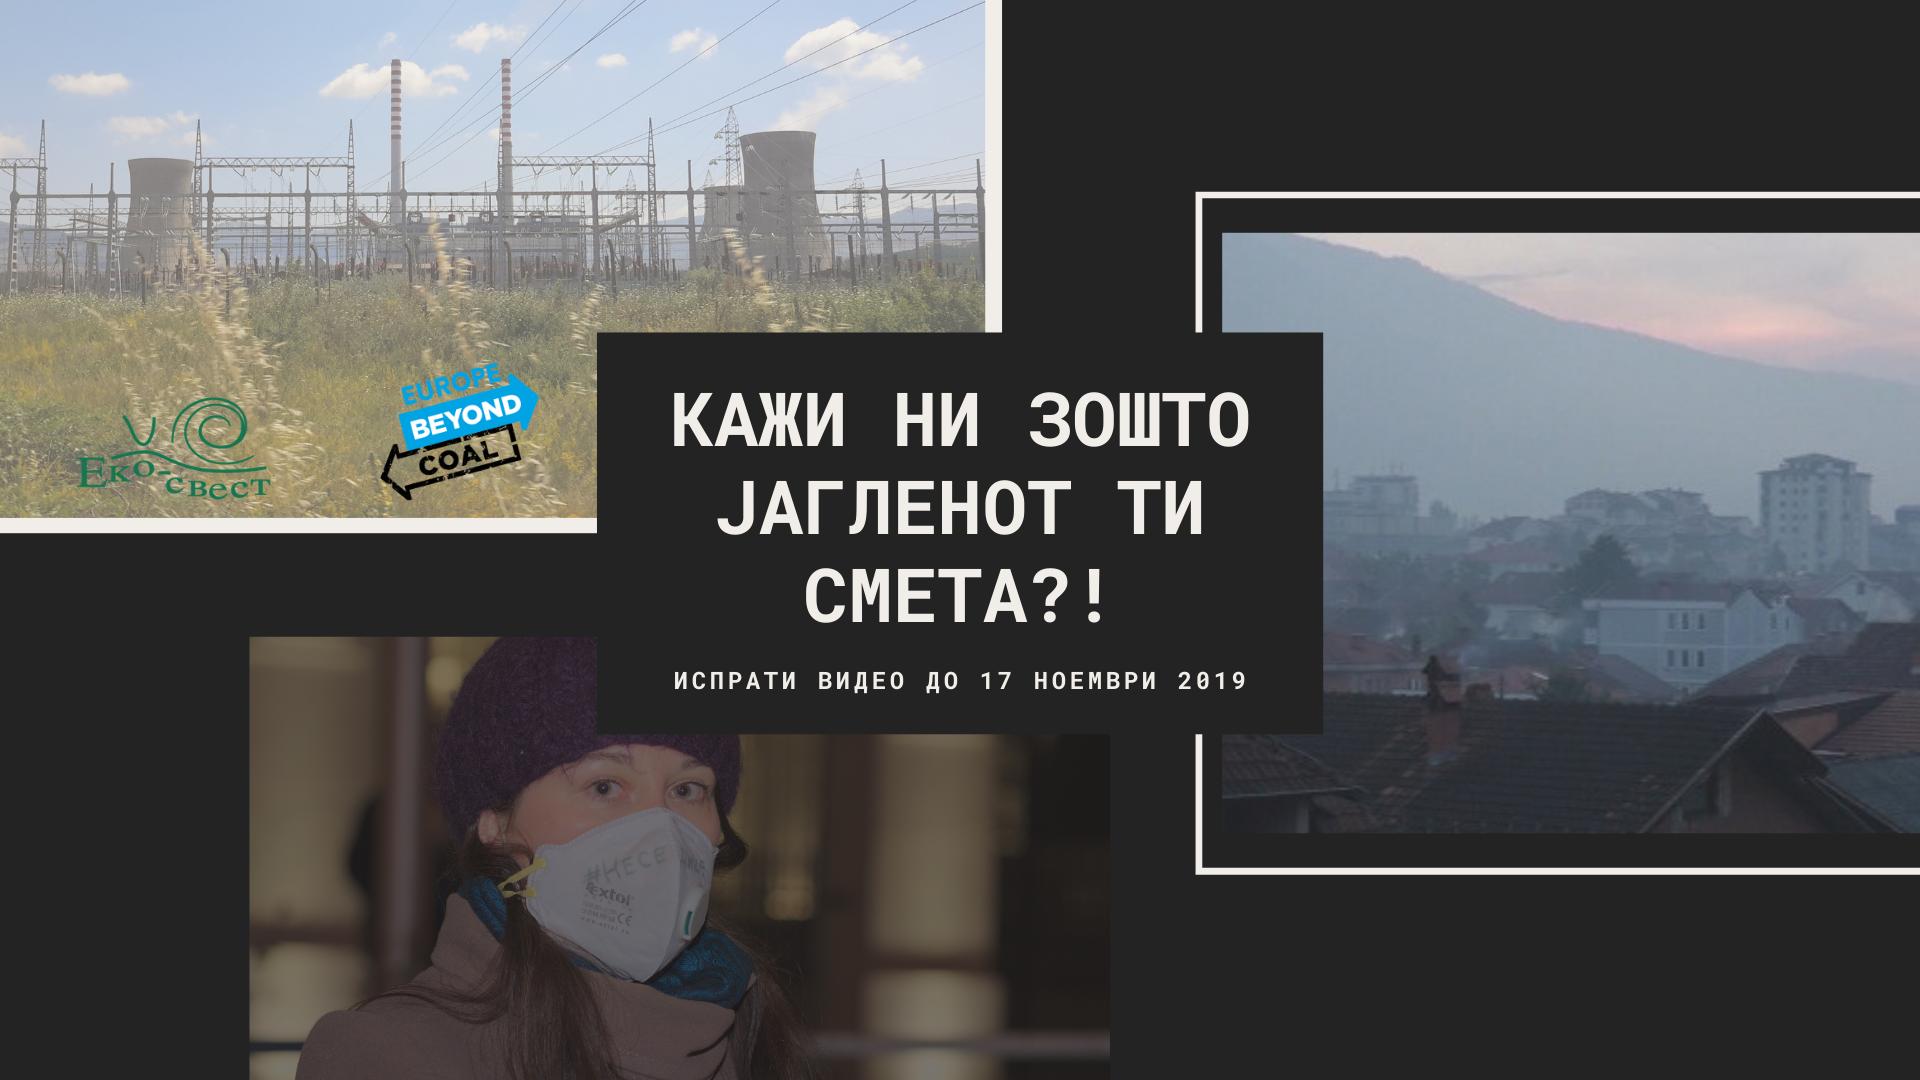 Видео натпревар: Кажи ни зошто јагленот ти смета